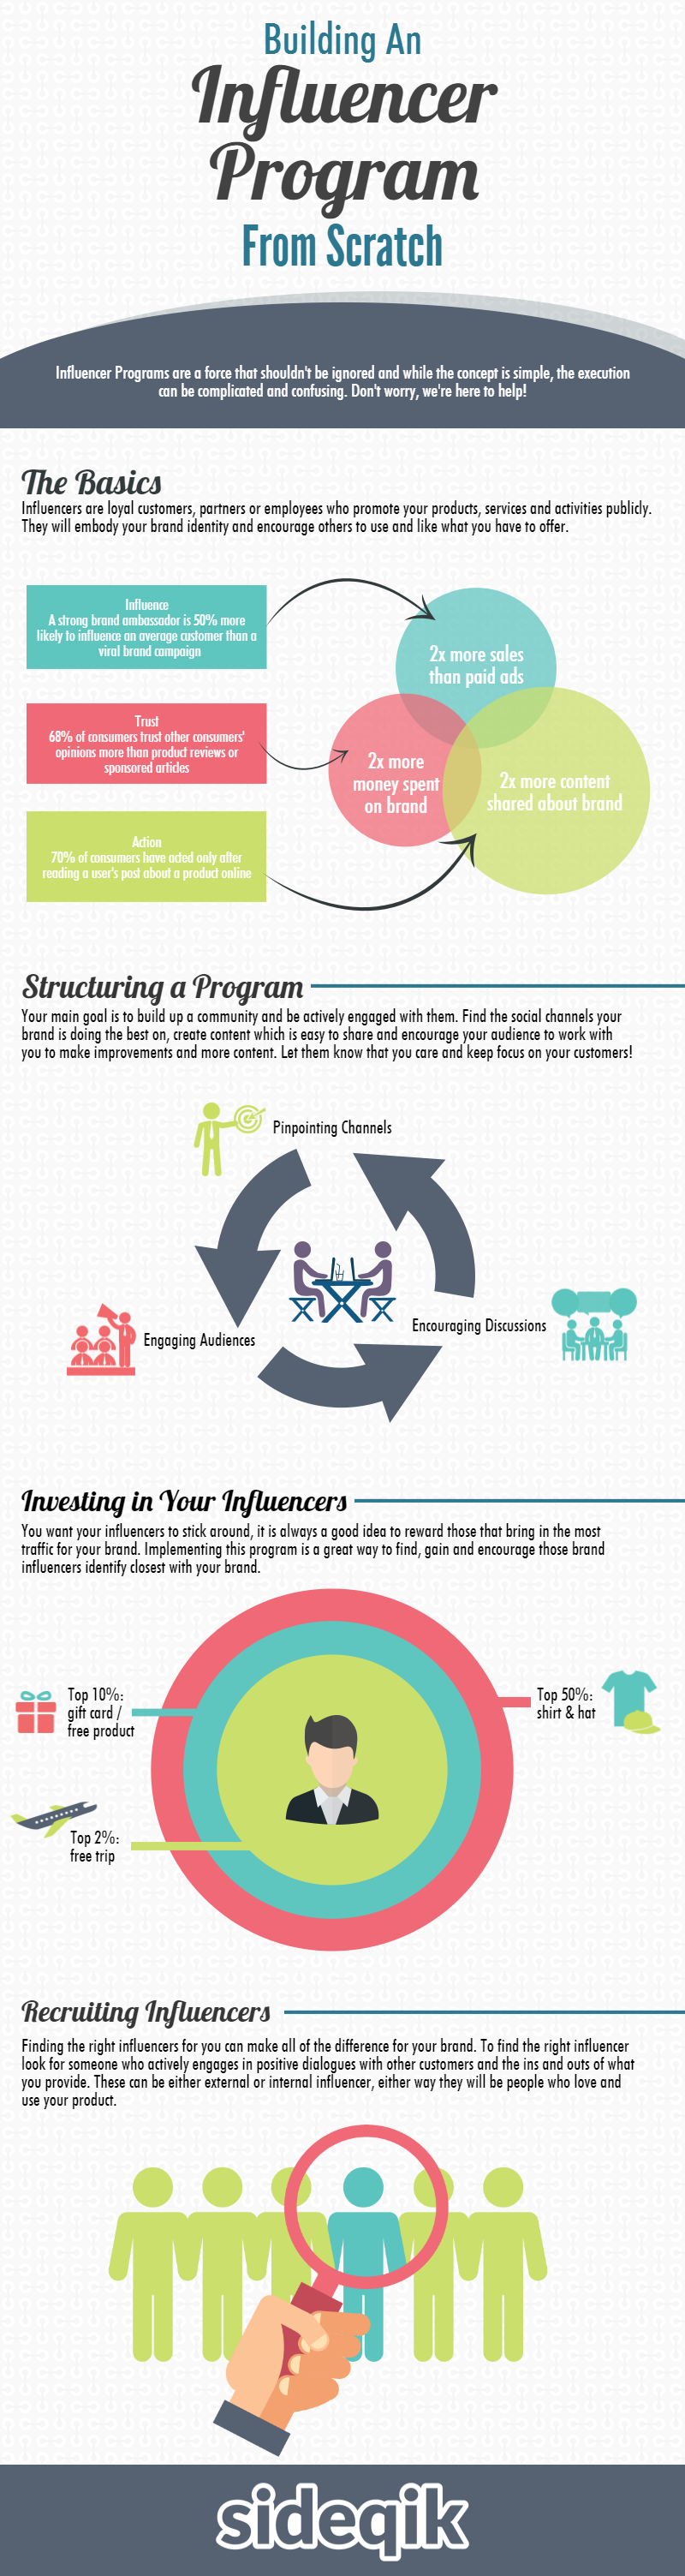 building influencer program